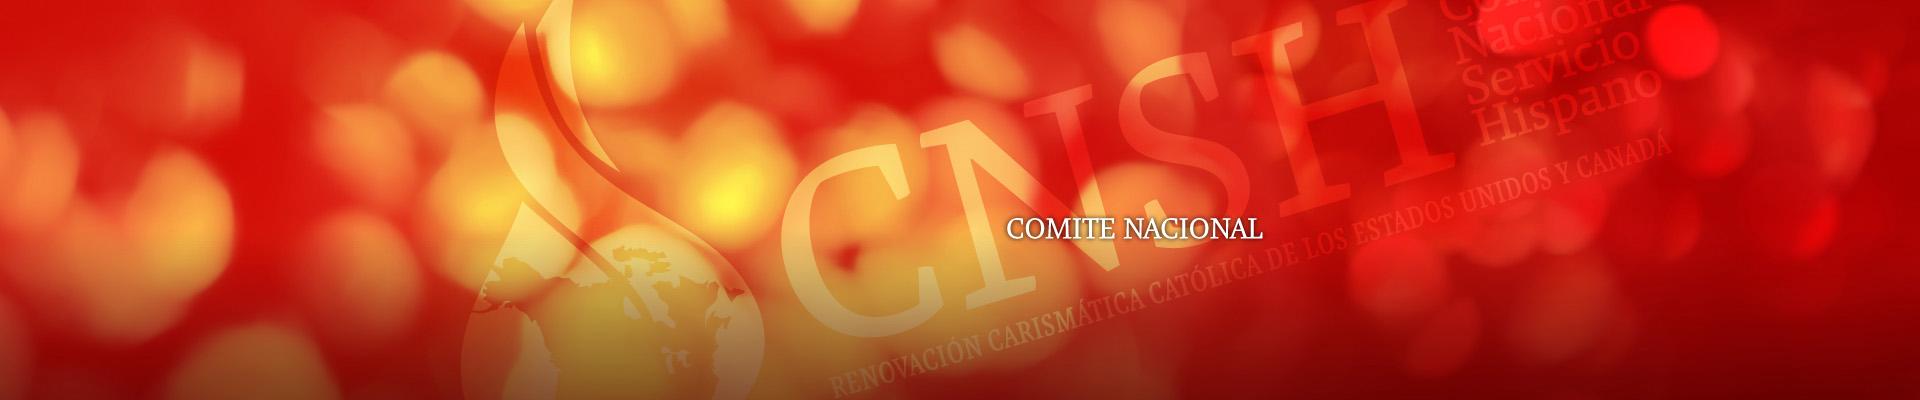 header_comite_n